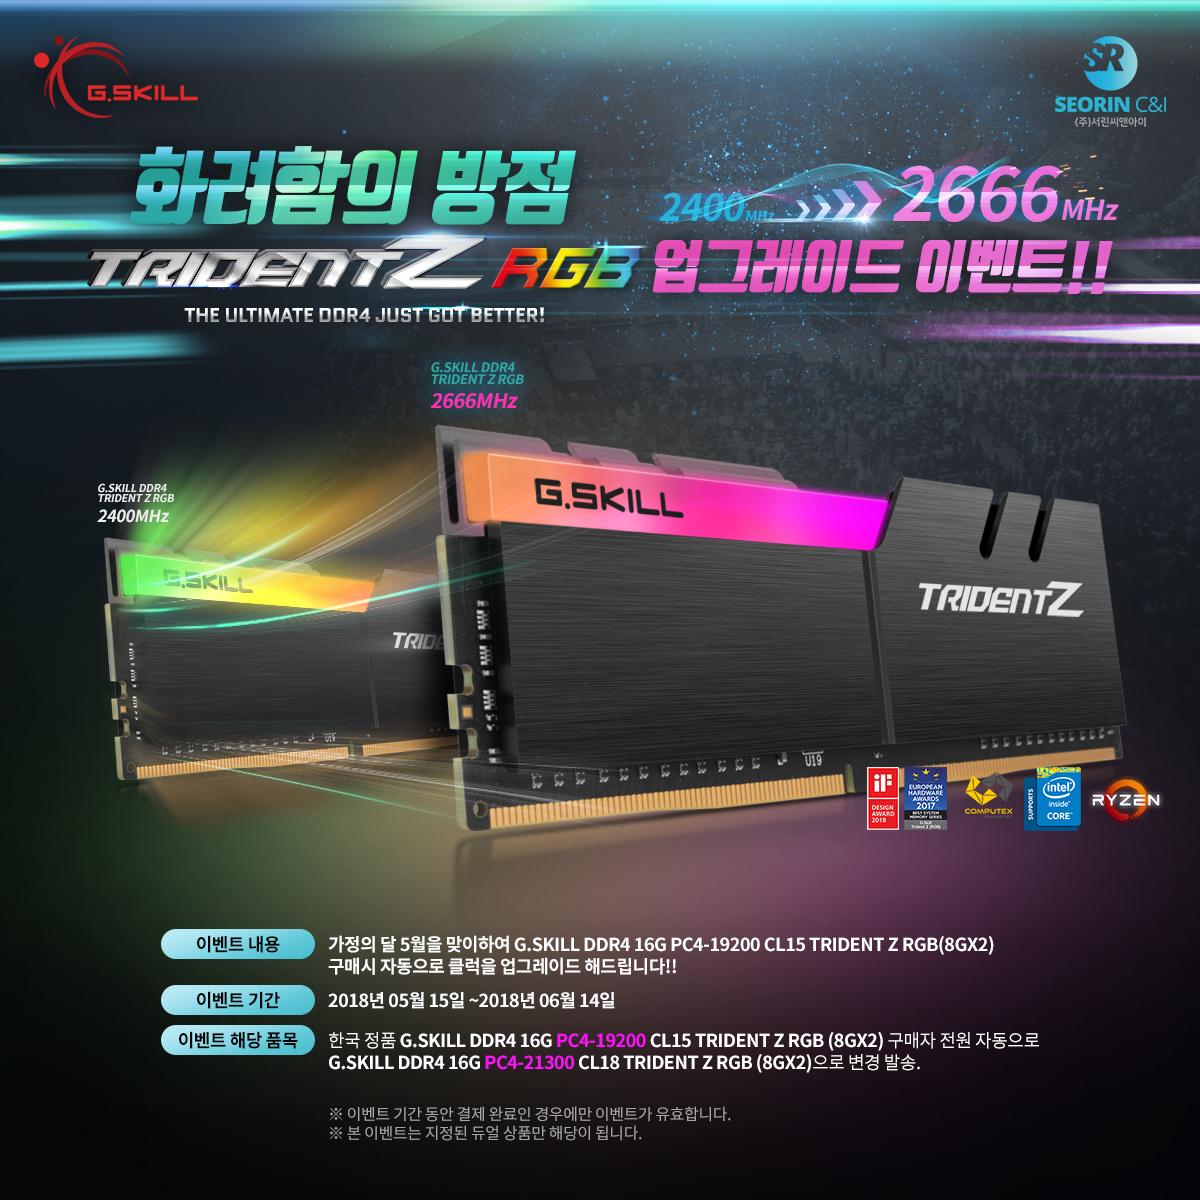 (주)서린씨앤아이 지스킬TRIDRNT Z RGB 2400MHZ구매시 2666MHZ업그레이드